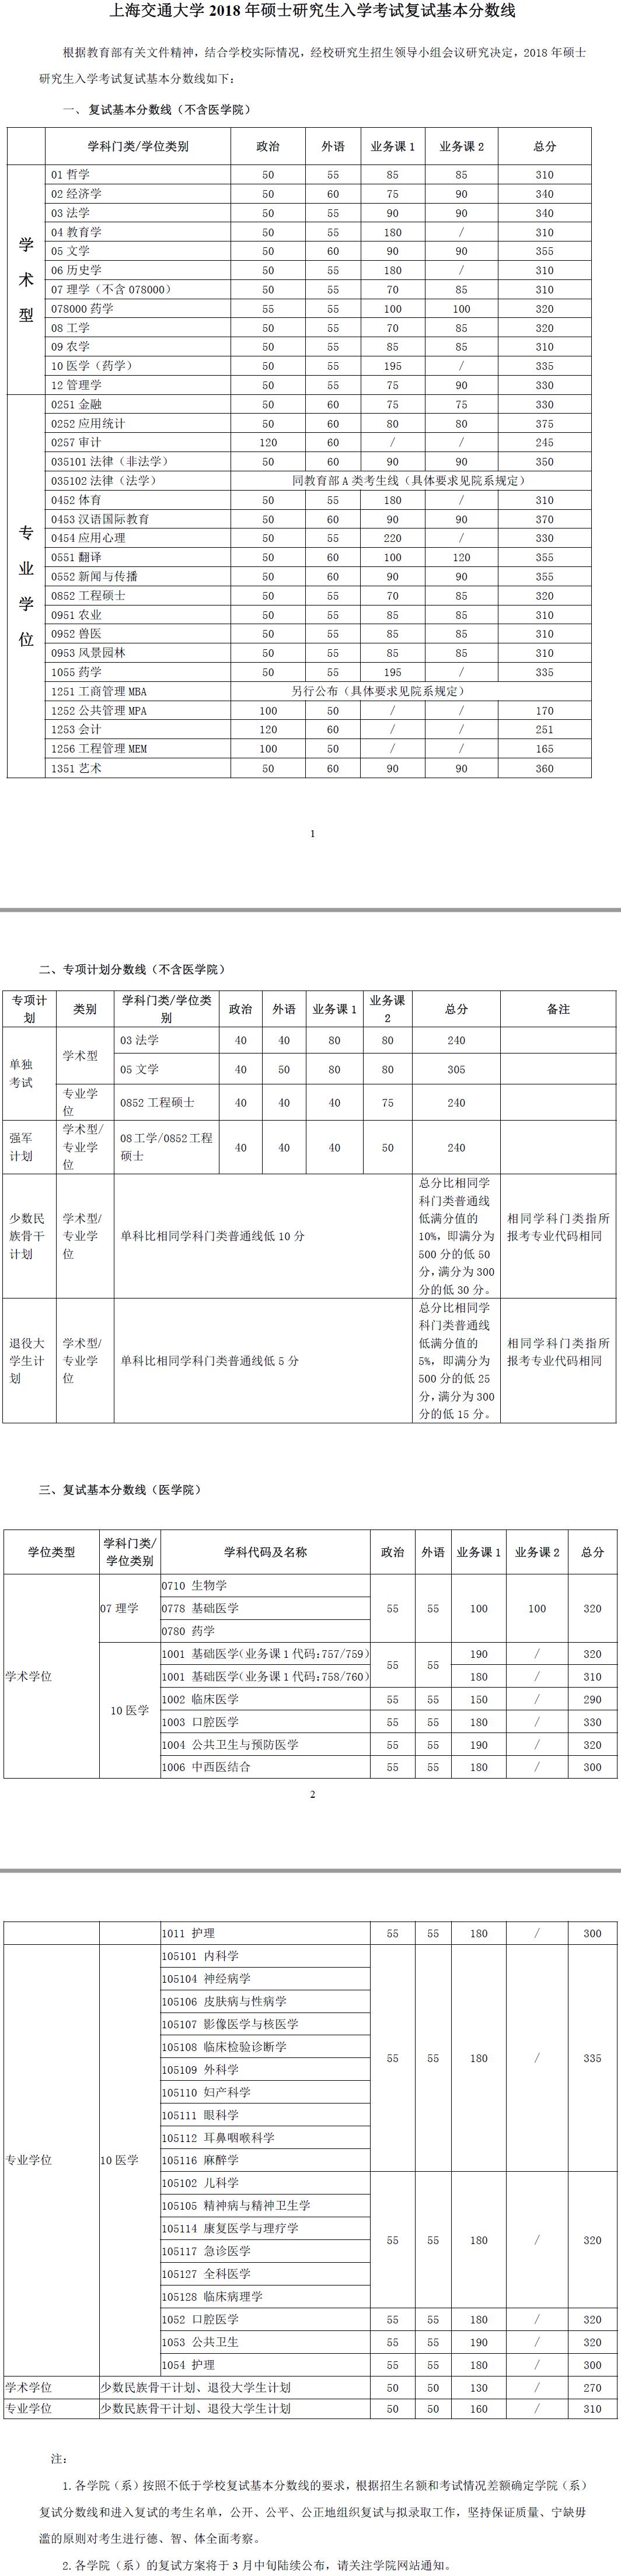 上海交通大学2018心理学考研复试分数线